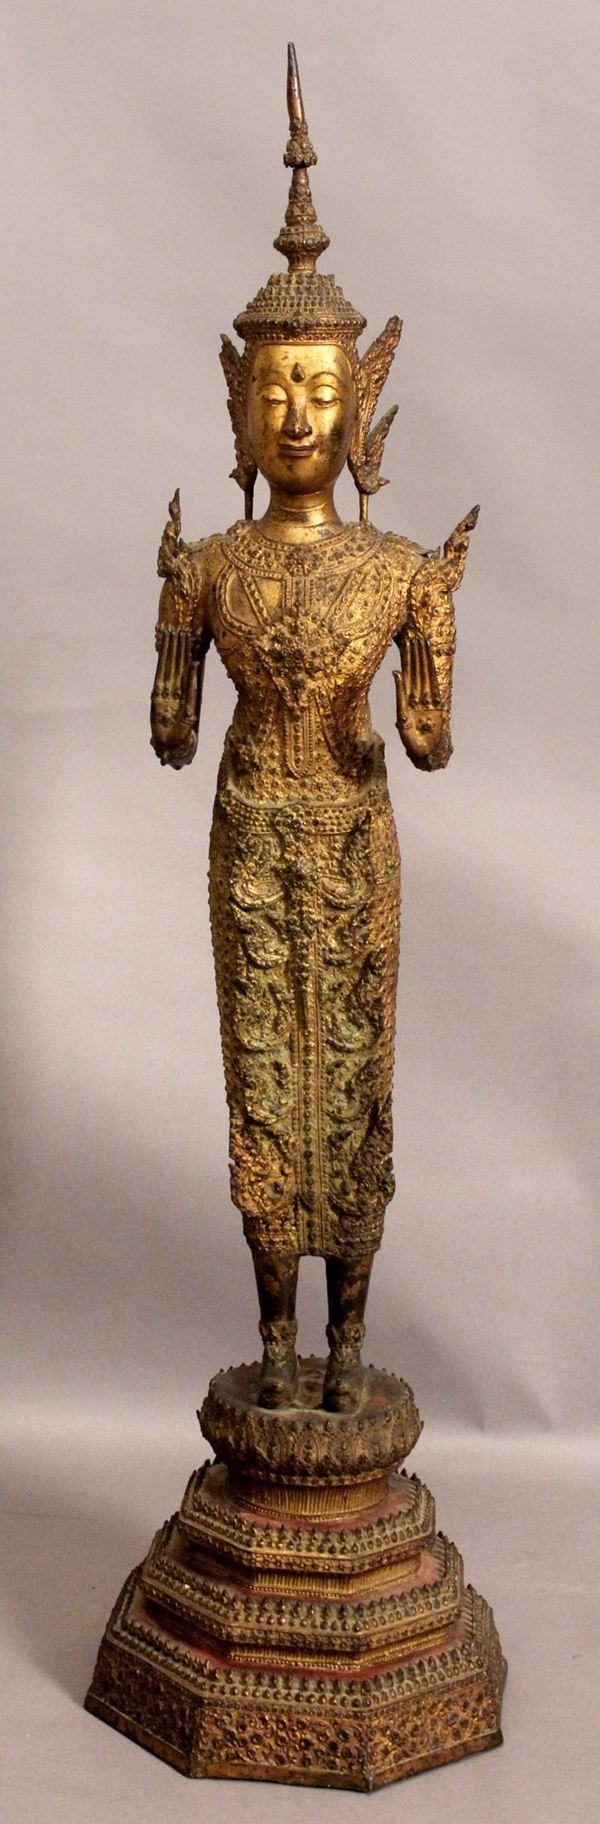 Divinità tailandese, scultura in bronzo dorato, altezza 94 cm, XIX secolo.